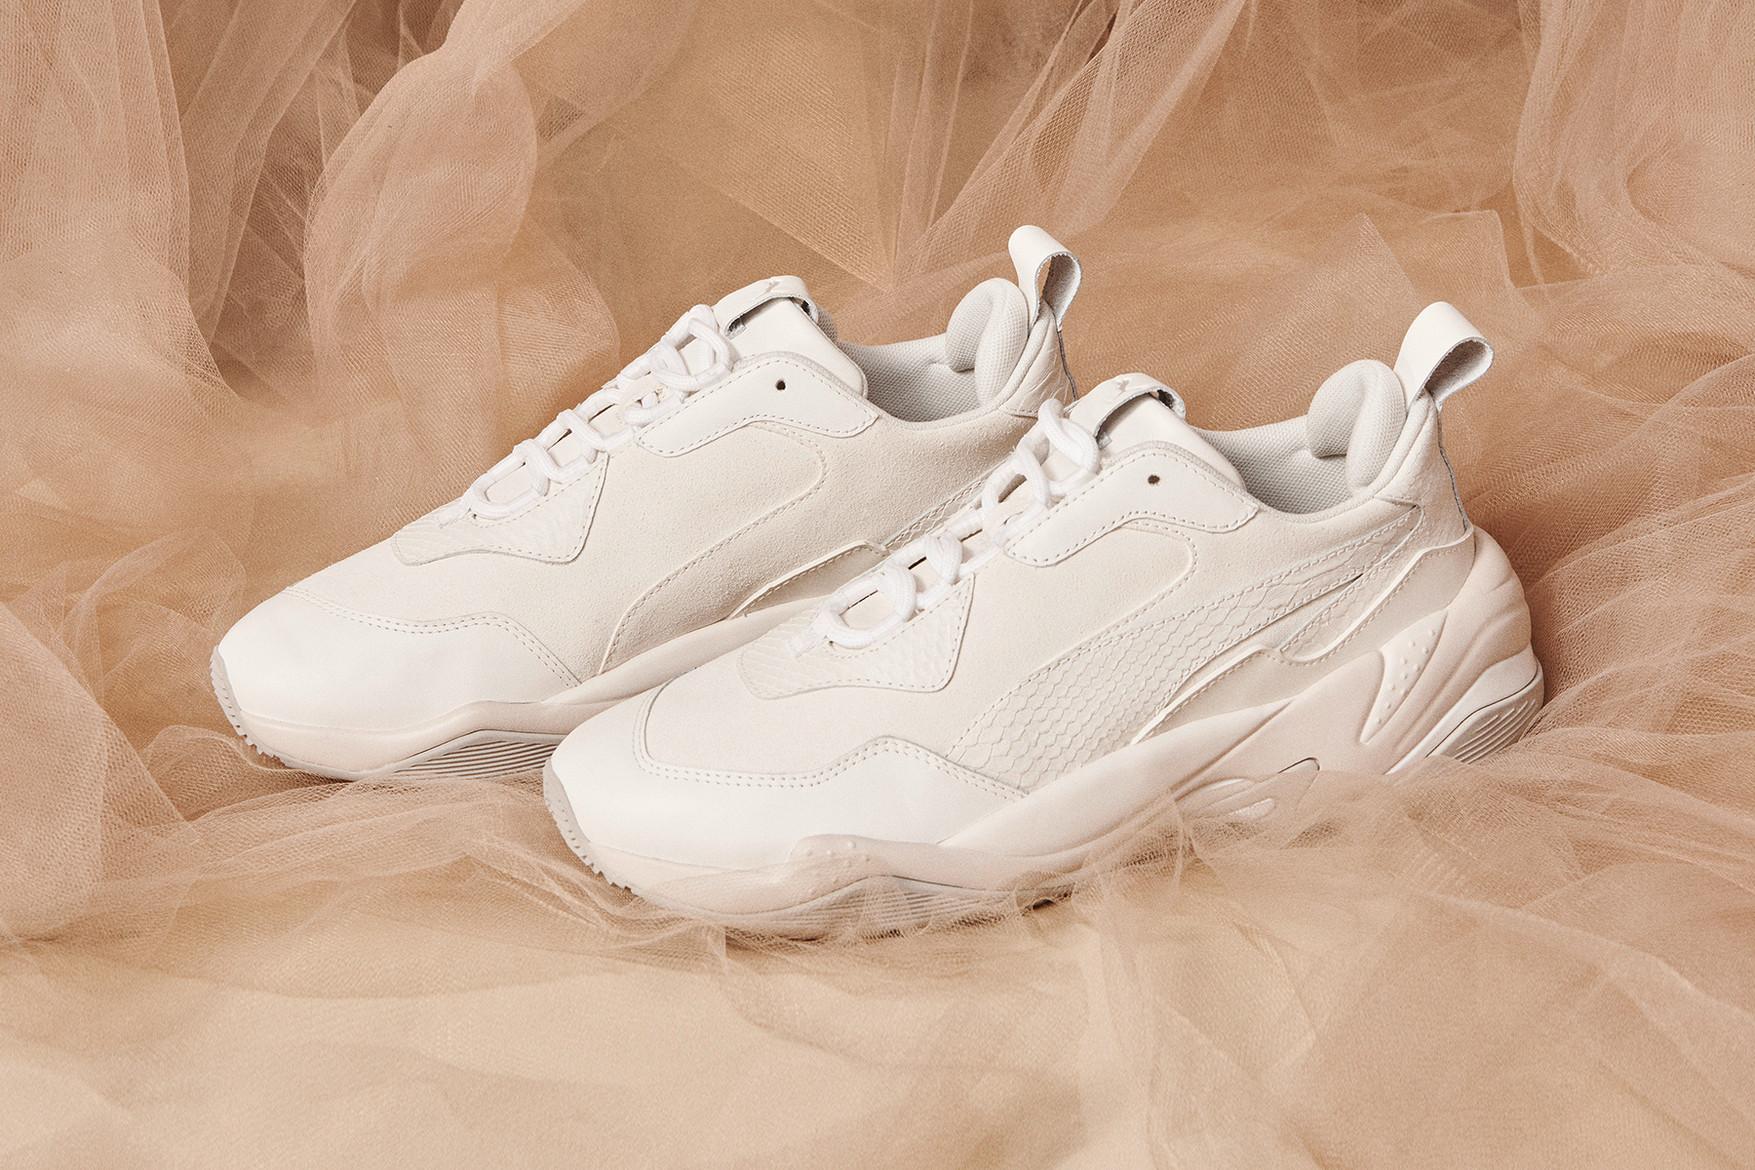 puma-thunder-desert-white-release-008